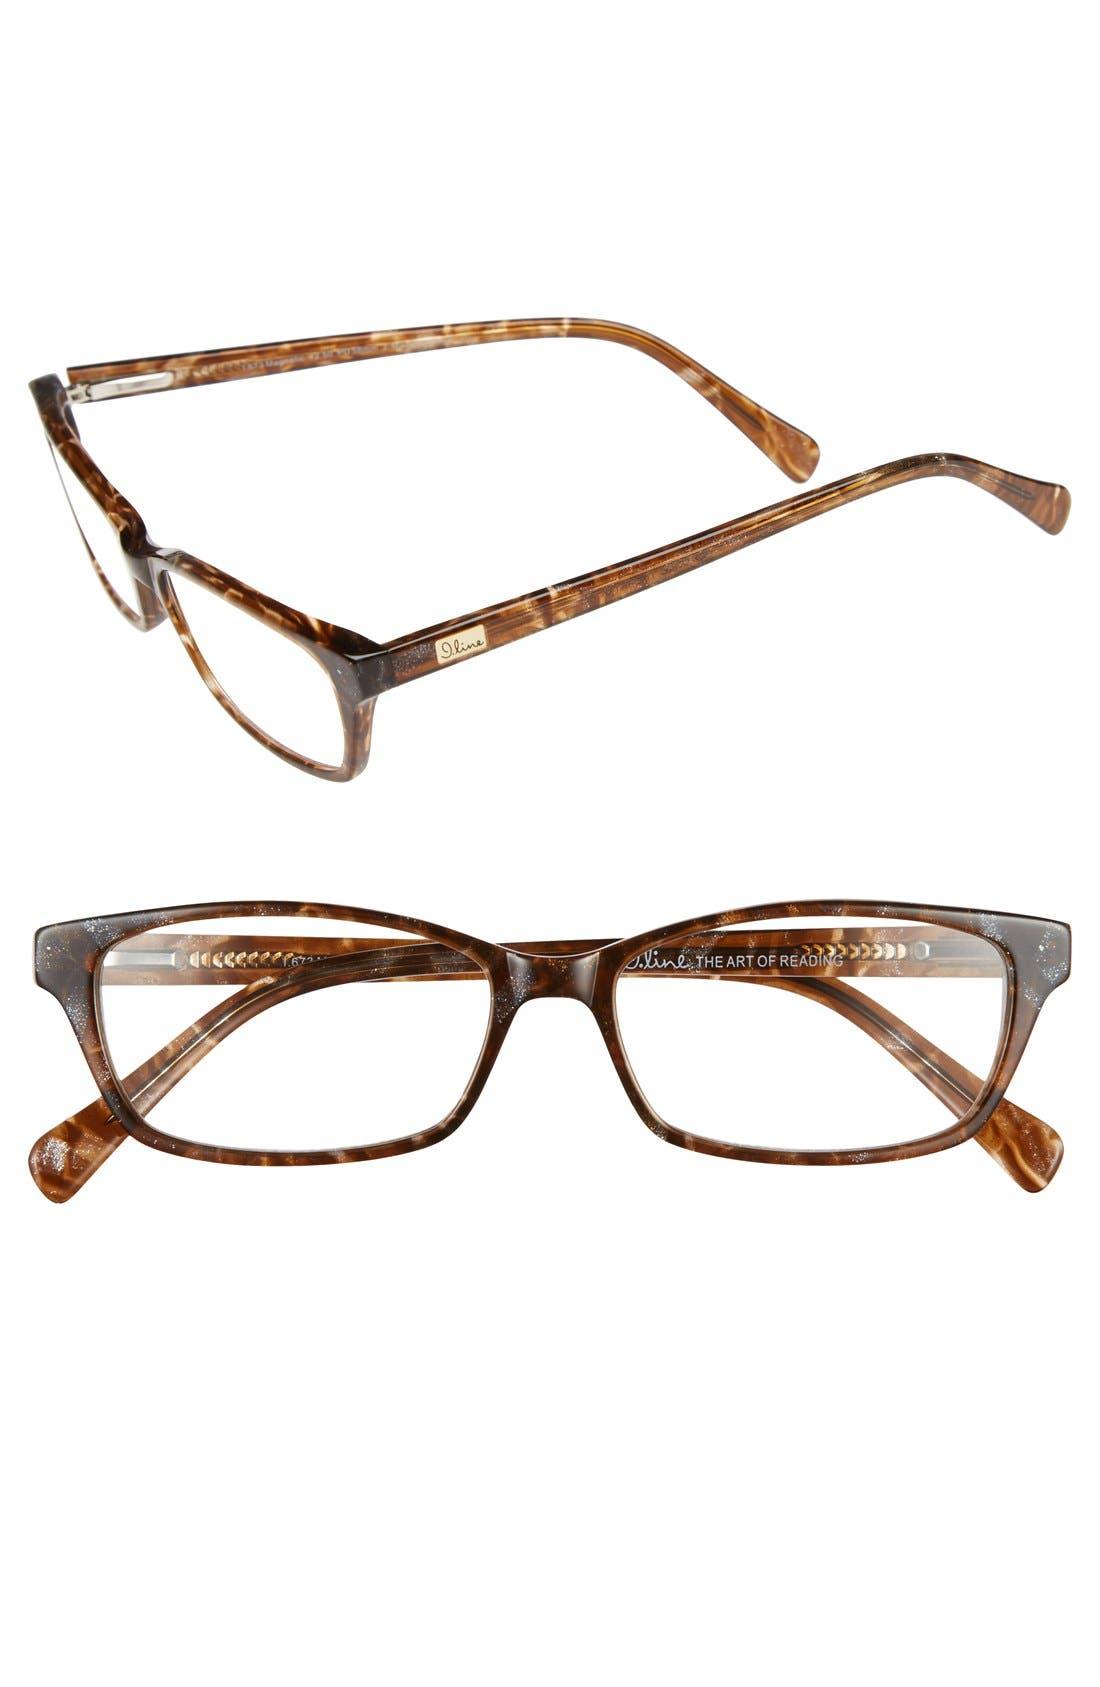 Main Image - I Line Eyewear 51mm Reading Glasses